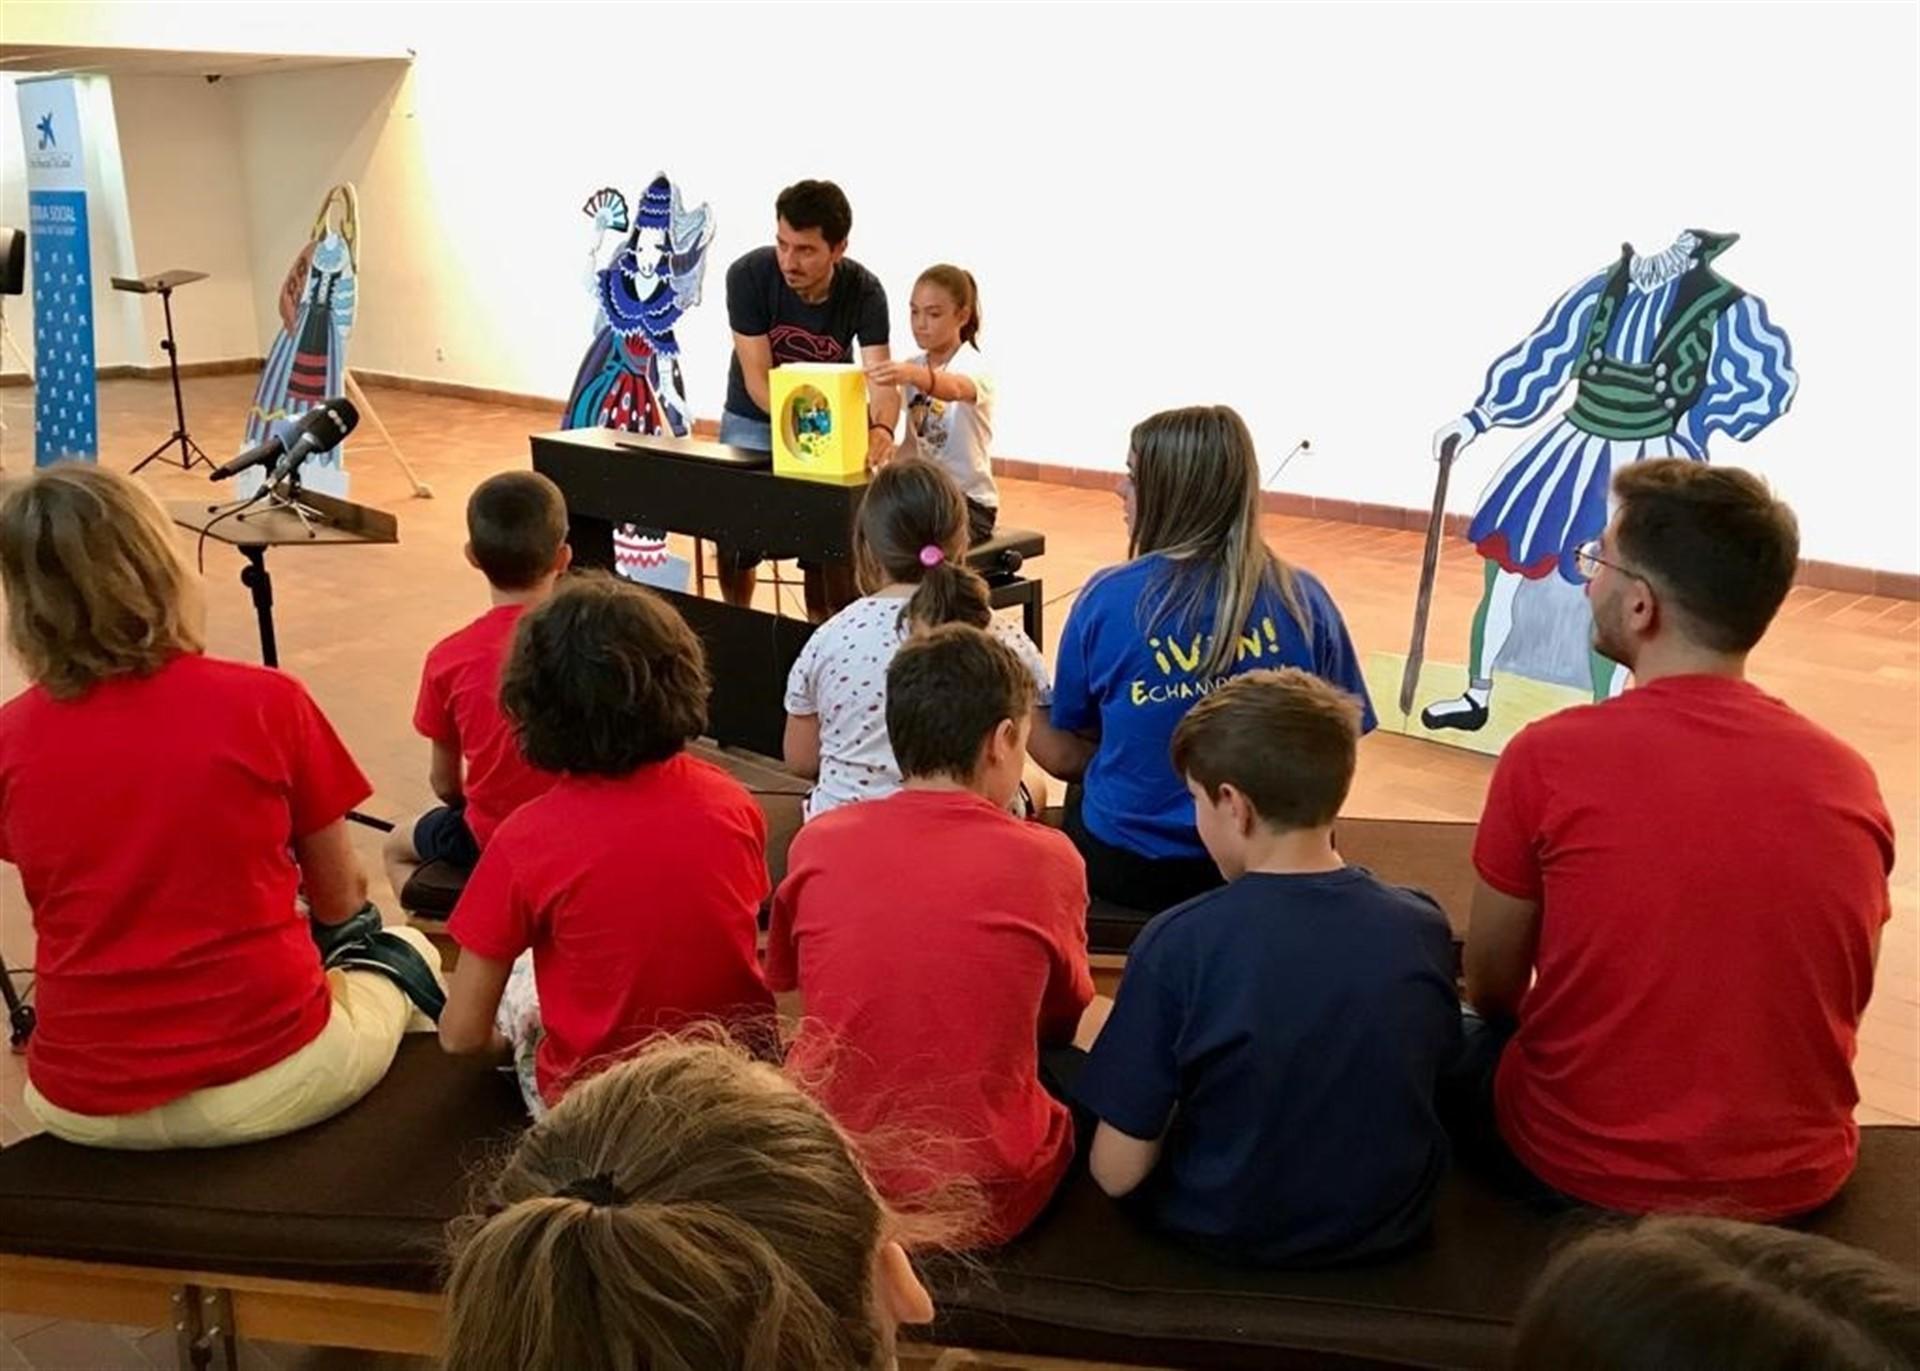 Impulsan un taller para acercar 'El sombrero de tres picos' a menores en desventaja social